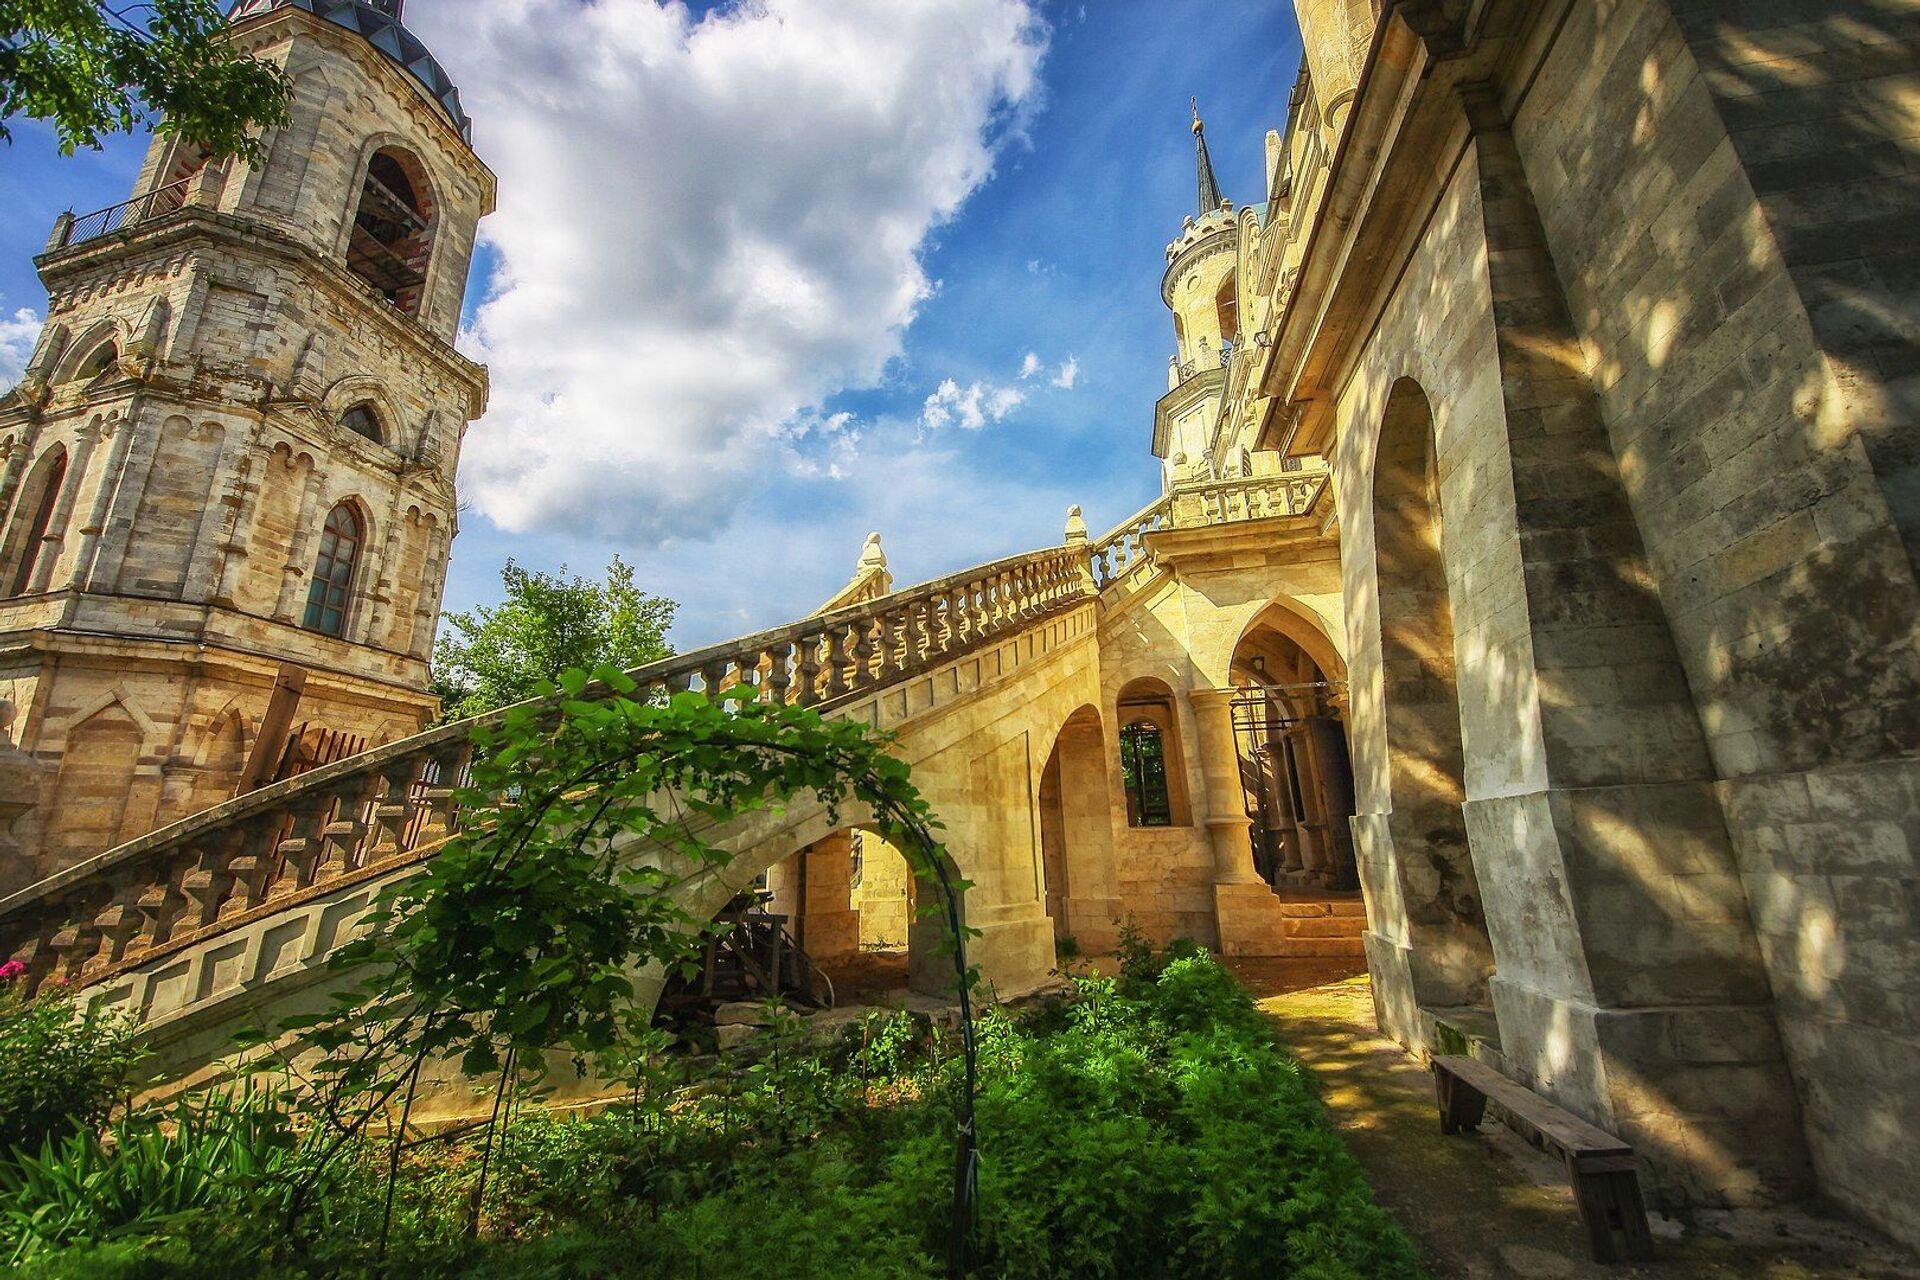 Upoznajte najneobičniju crkvu u Podmoskovlju /foto/  - Sputnik Srbija, 1920, 04.02.2021